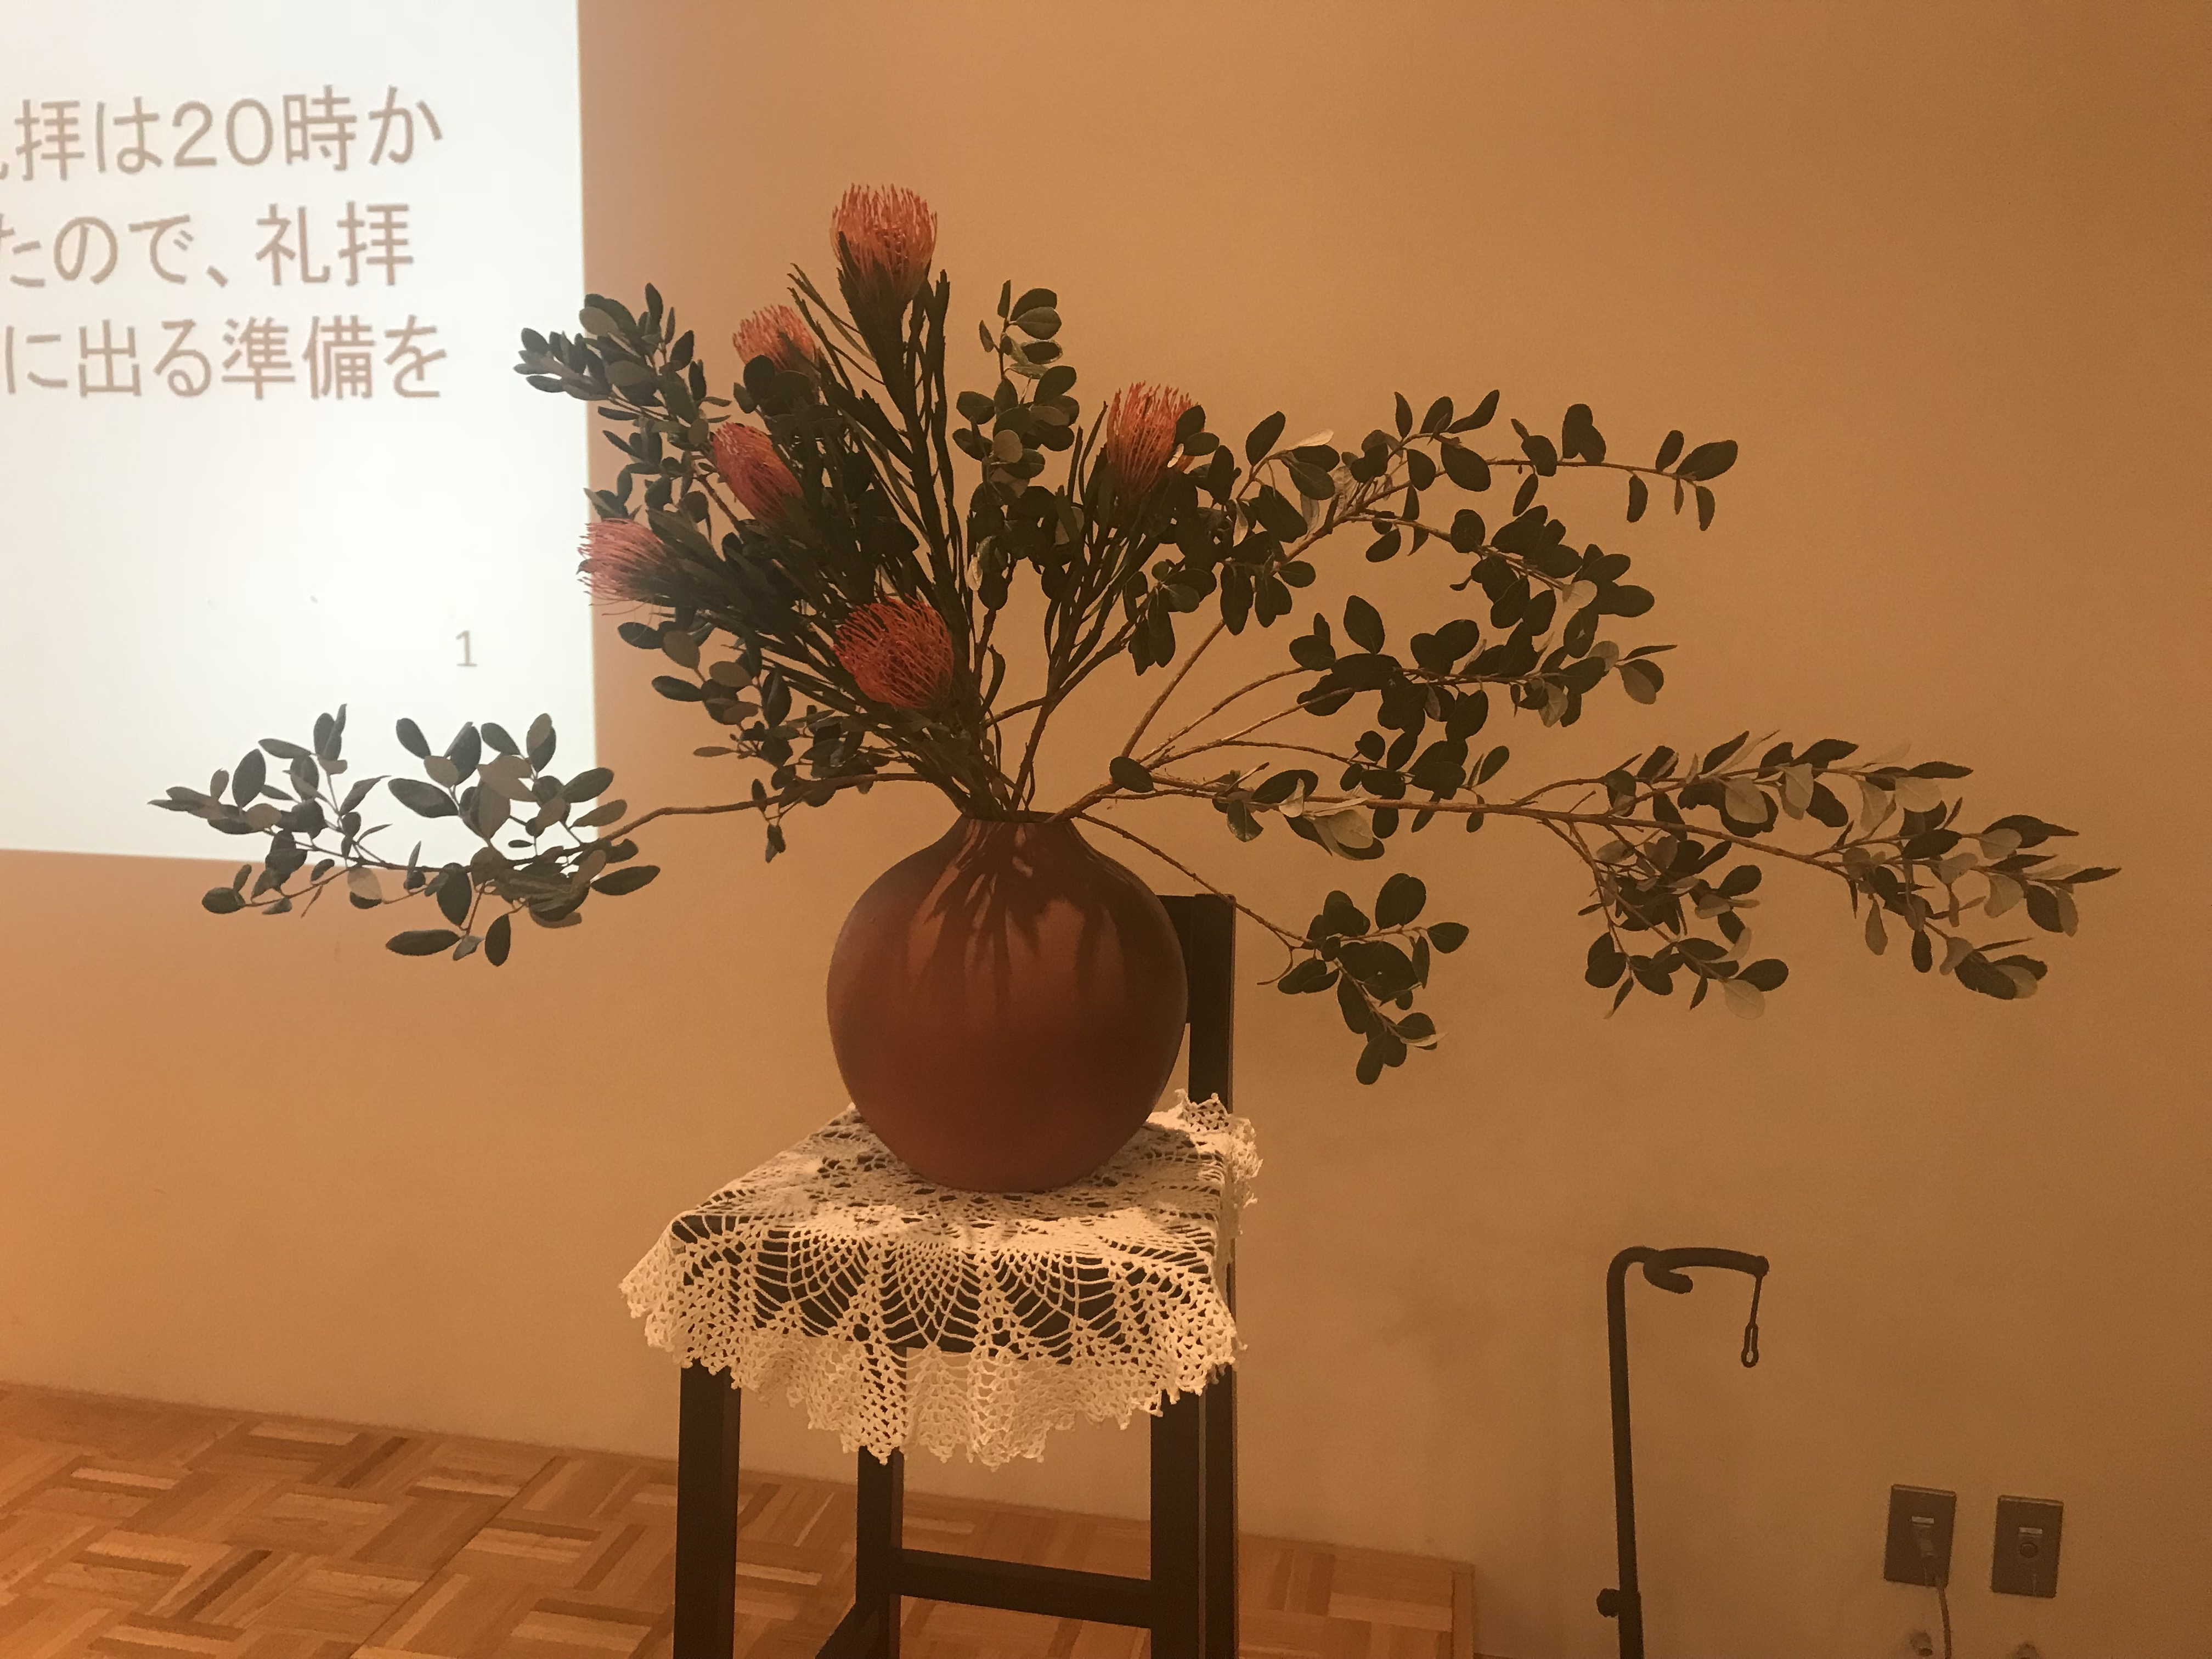 2018/7/22、講壇のお花